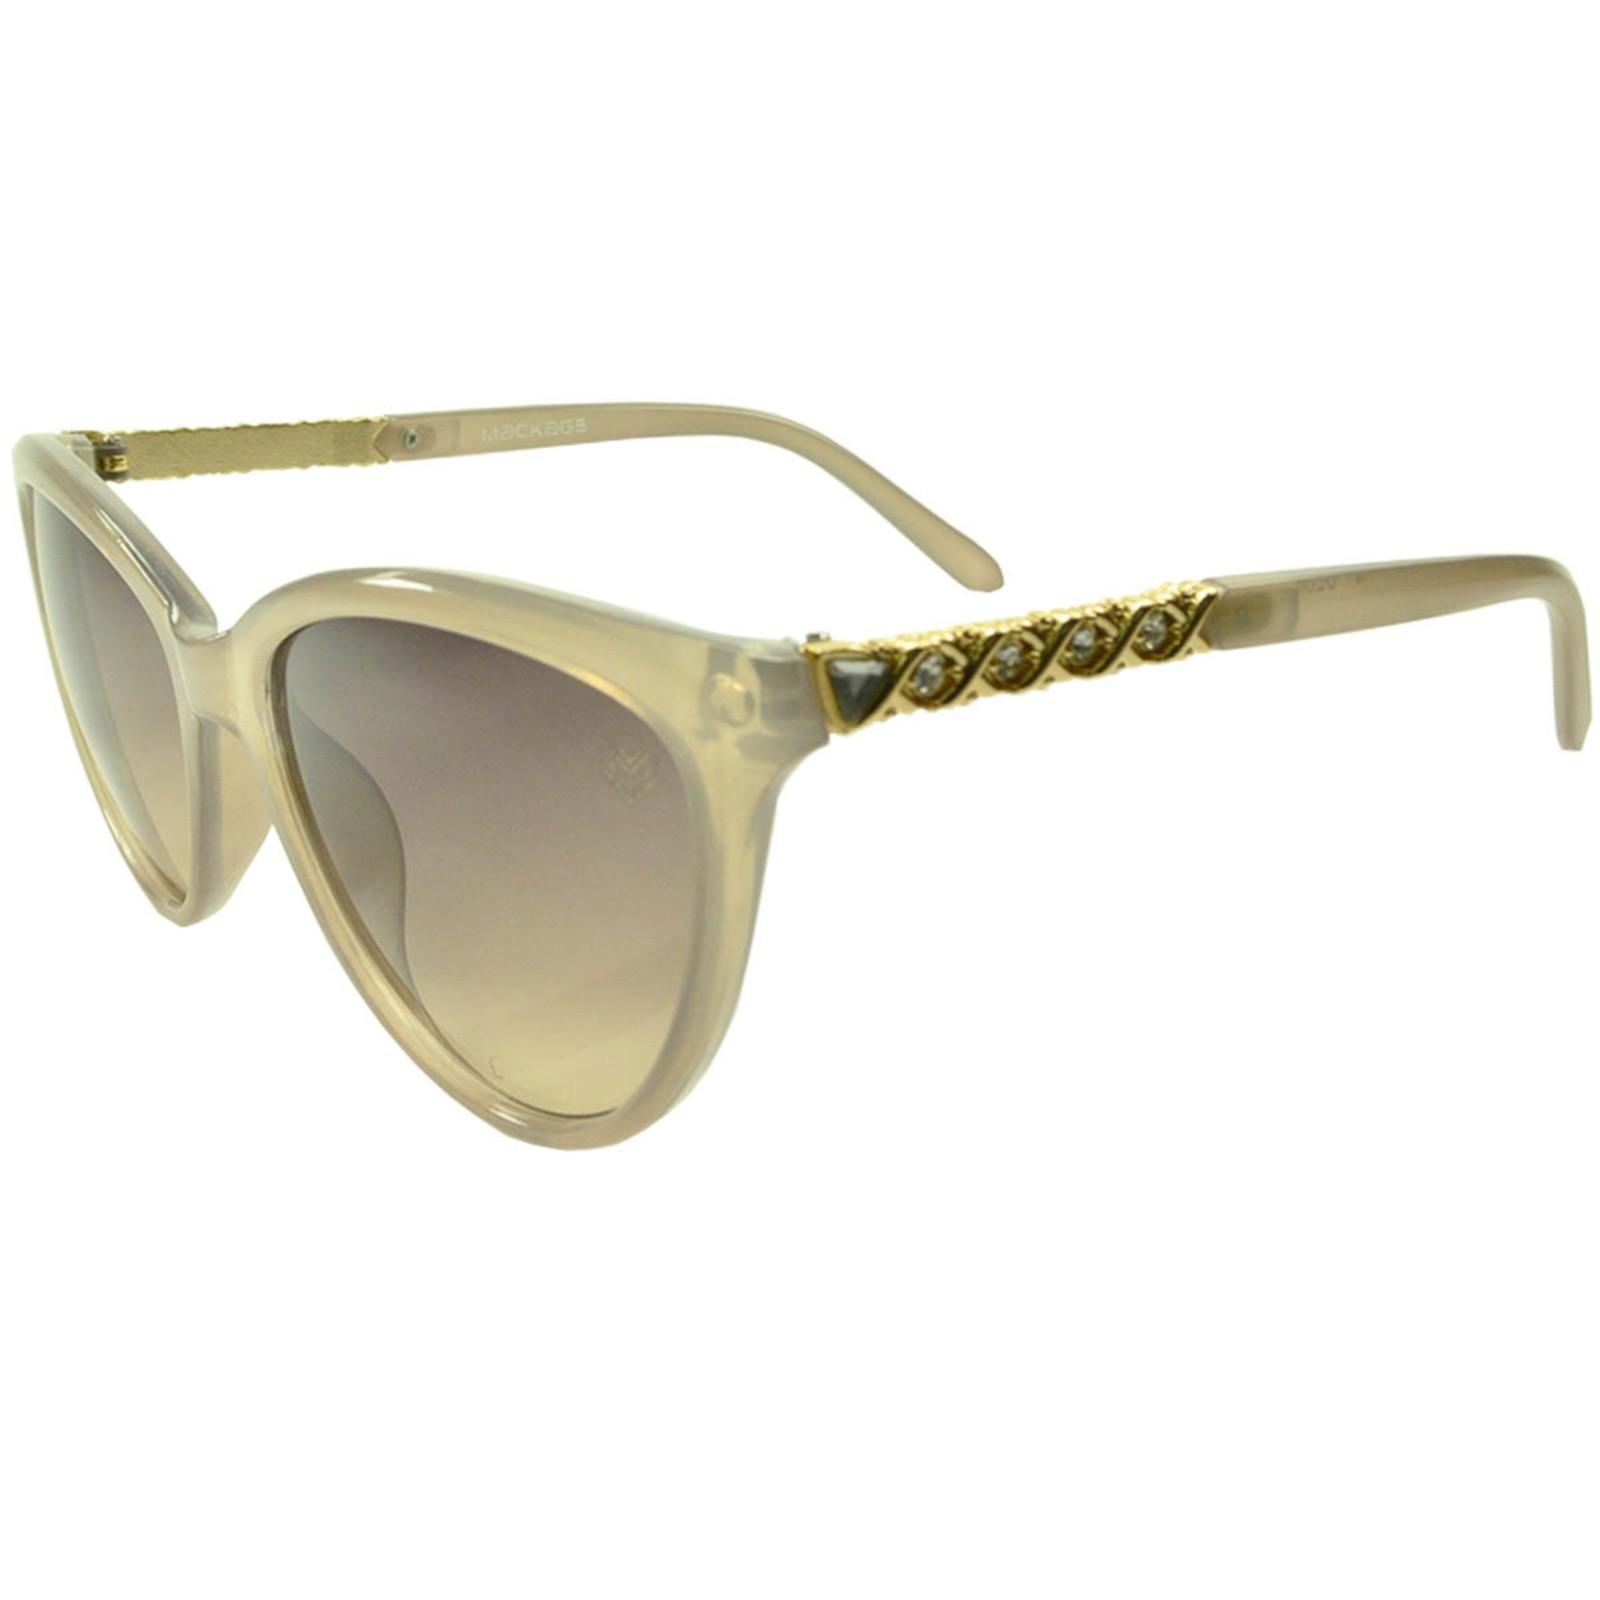 Óculos De Sol Mackage Feminino Acetato Gateado - Nude